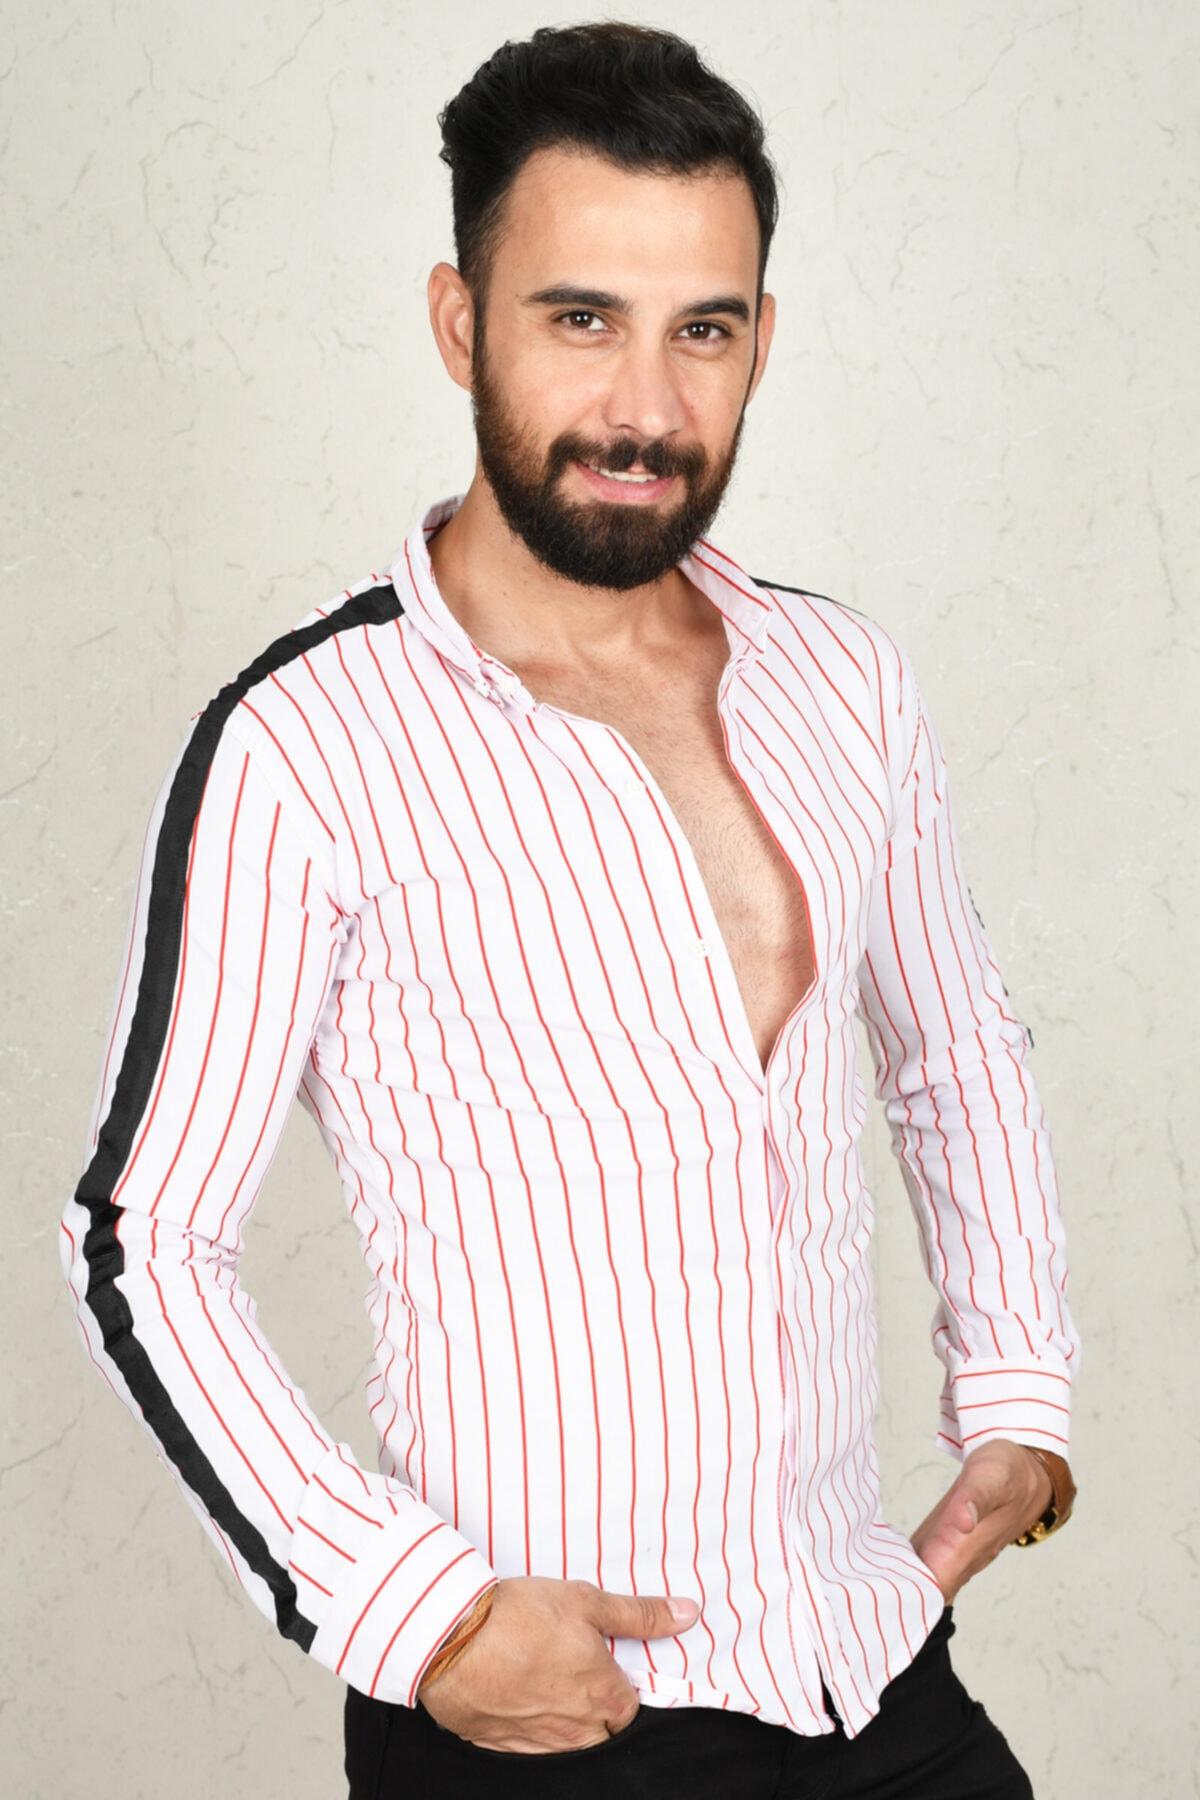 DeepSEA Kırmızı-beyaz Çizgili Kol Şeritli Erkek Gömlek 2002812 1